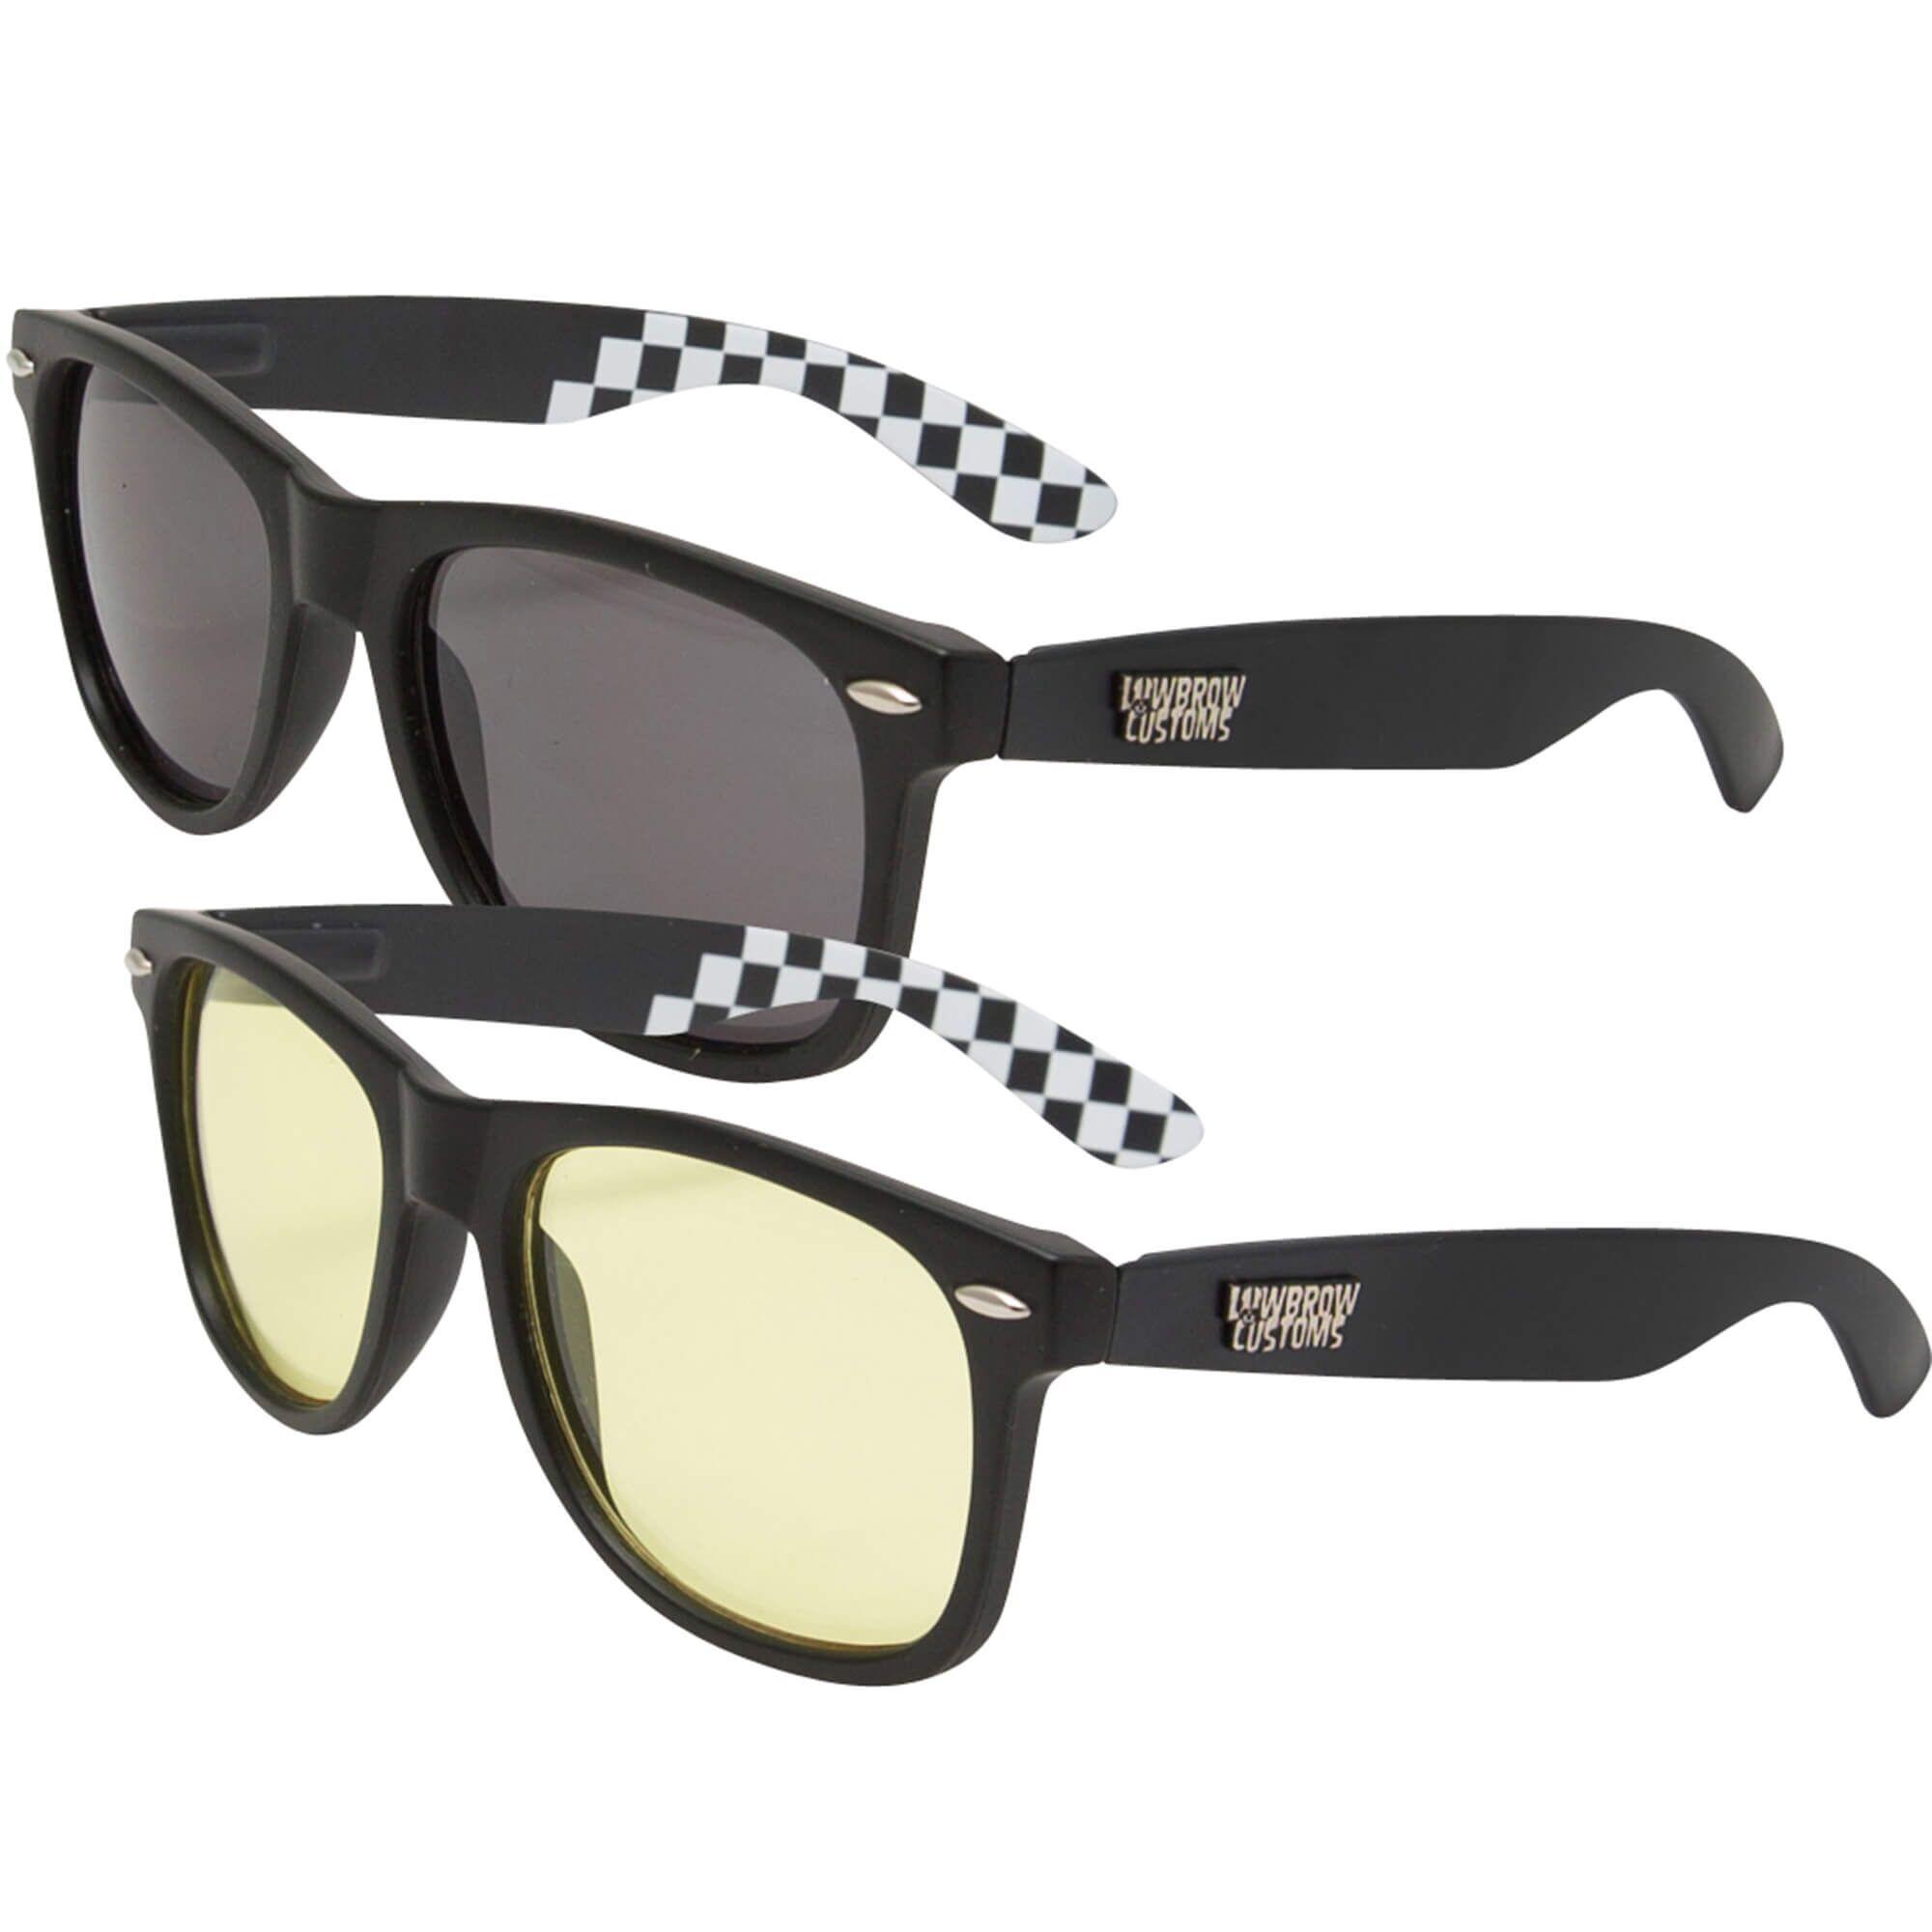 Originals Sunglasses and Black Moon Riding Glasses Set